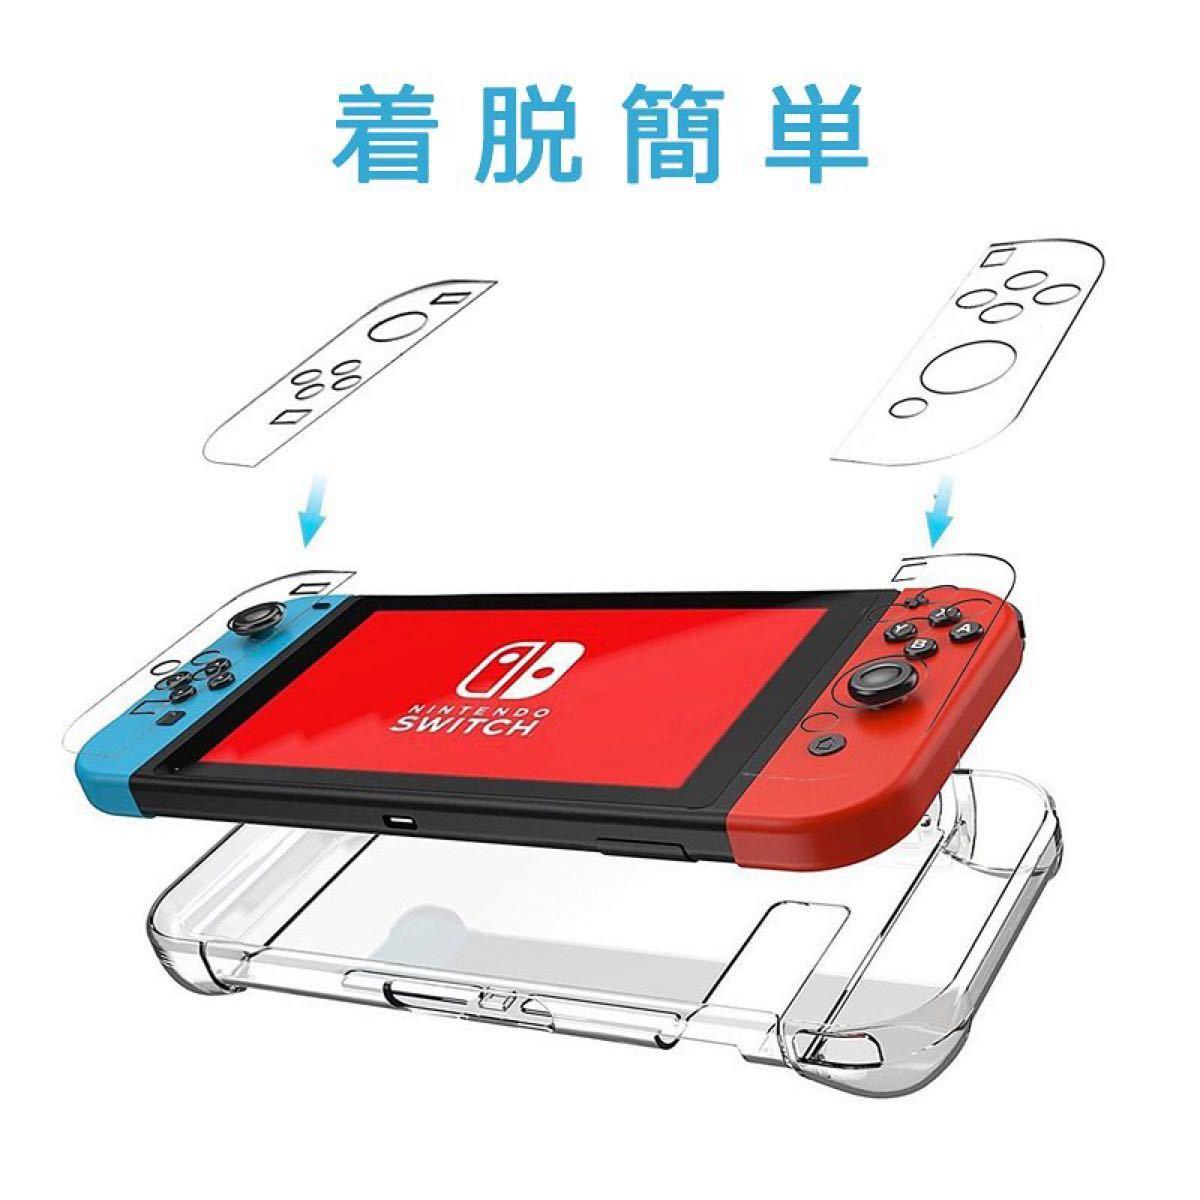 肉球ジョイコン2個+Nintendo Switch 保護透明ケース